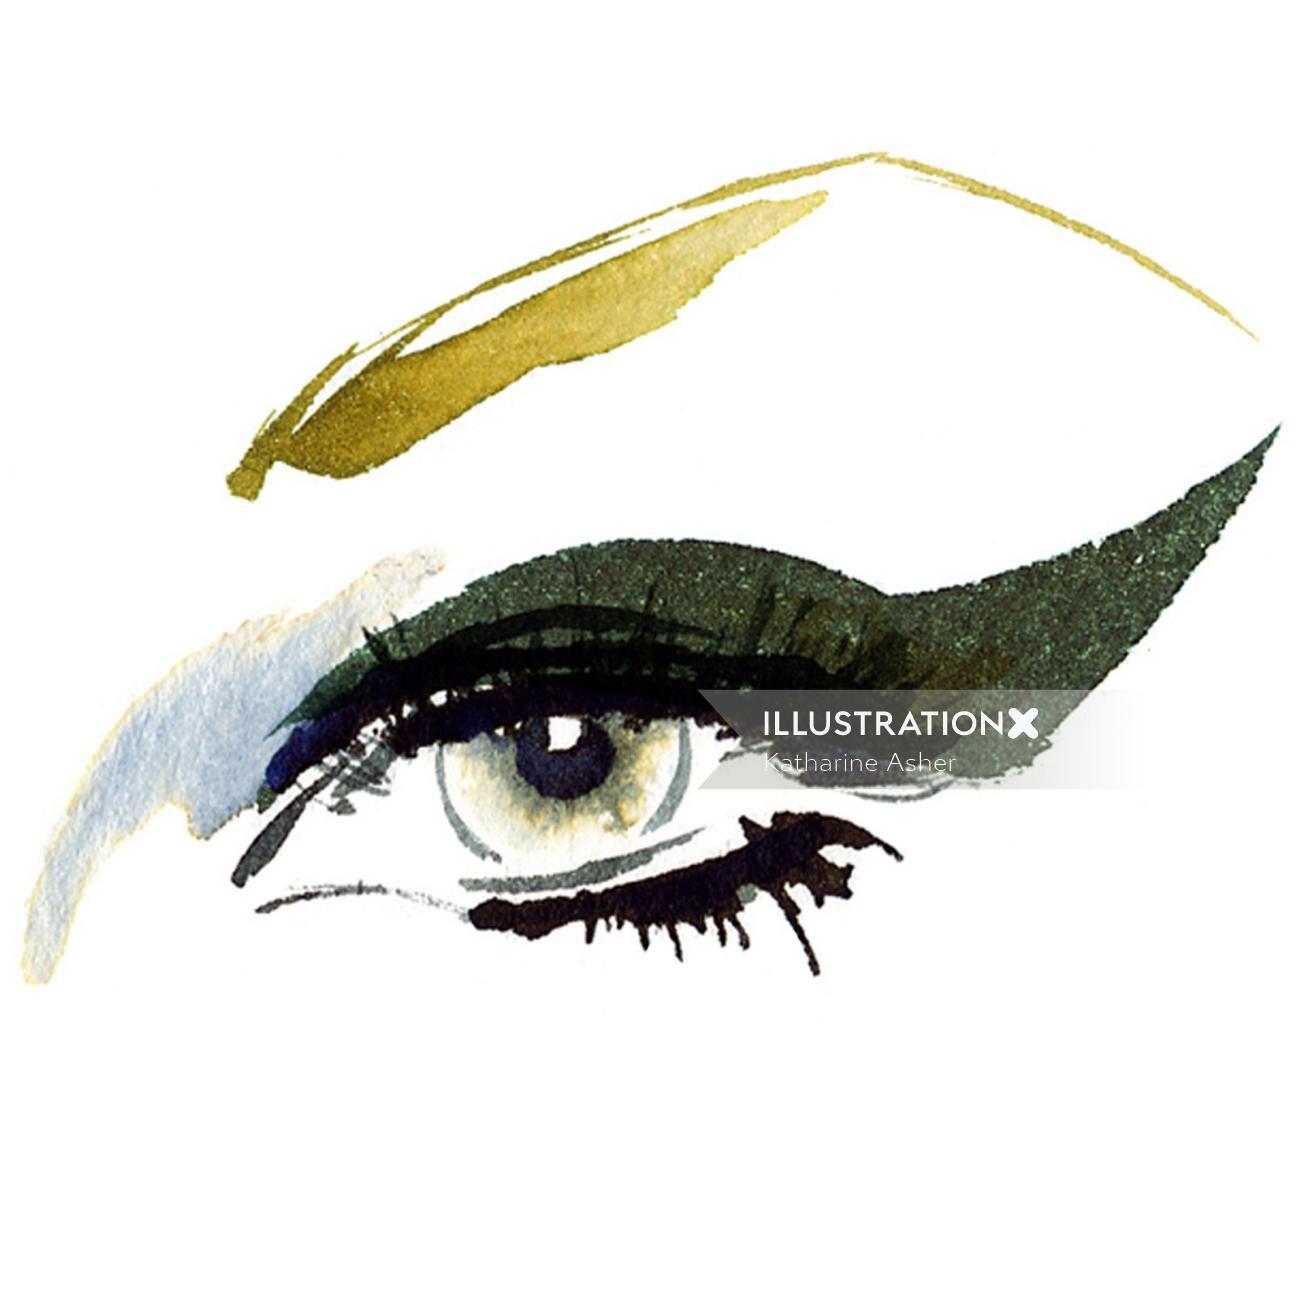 Eye illustration by Katharine Asher